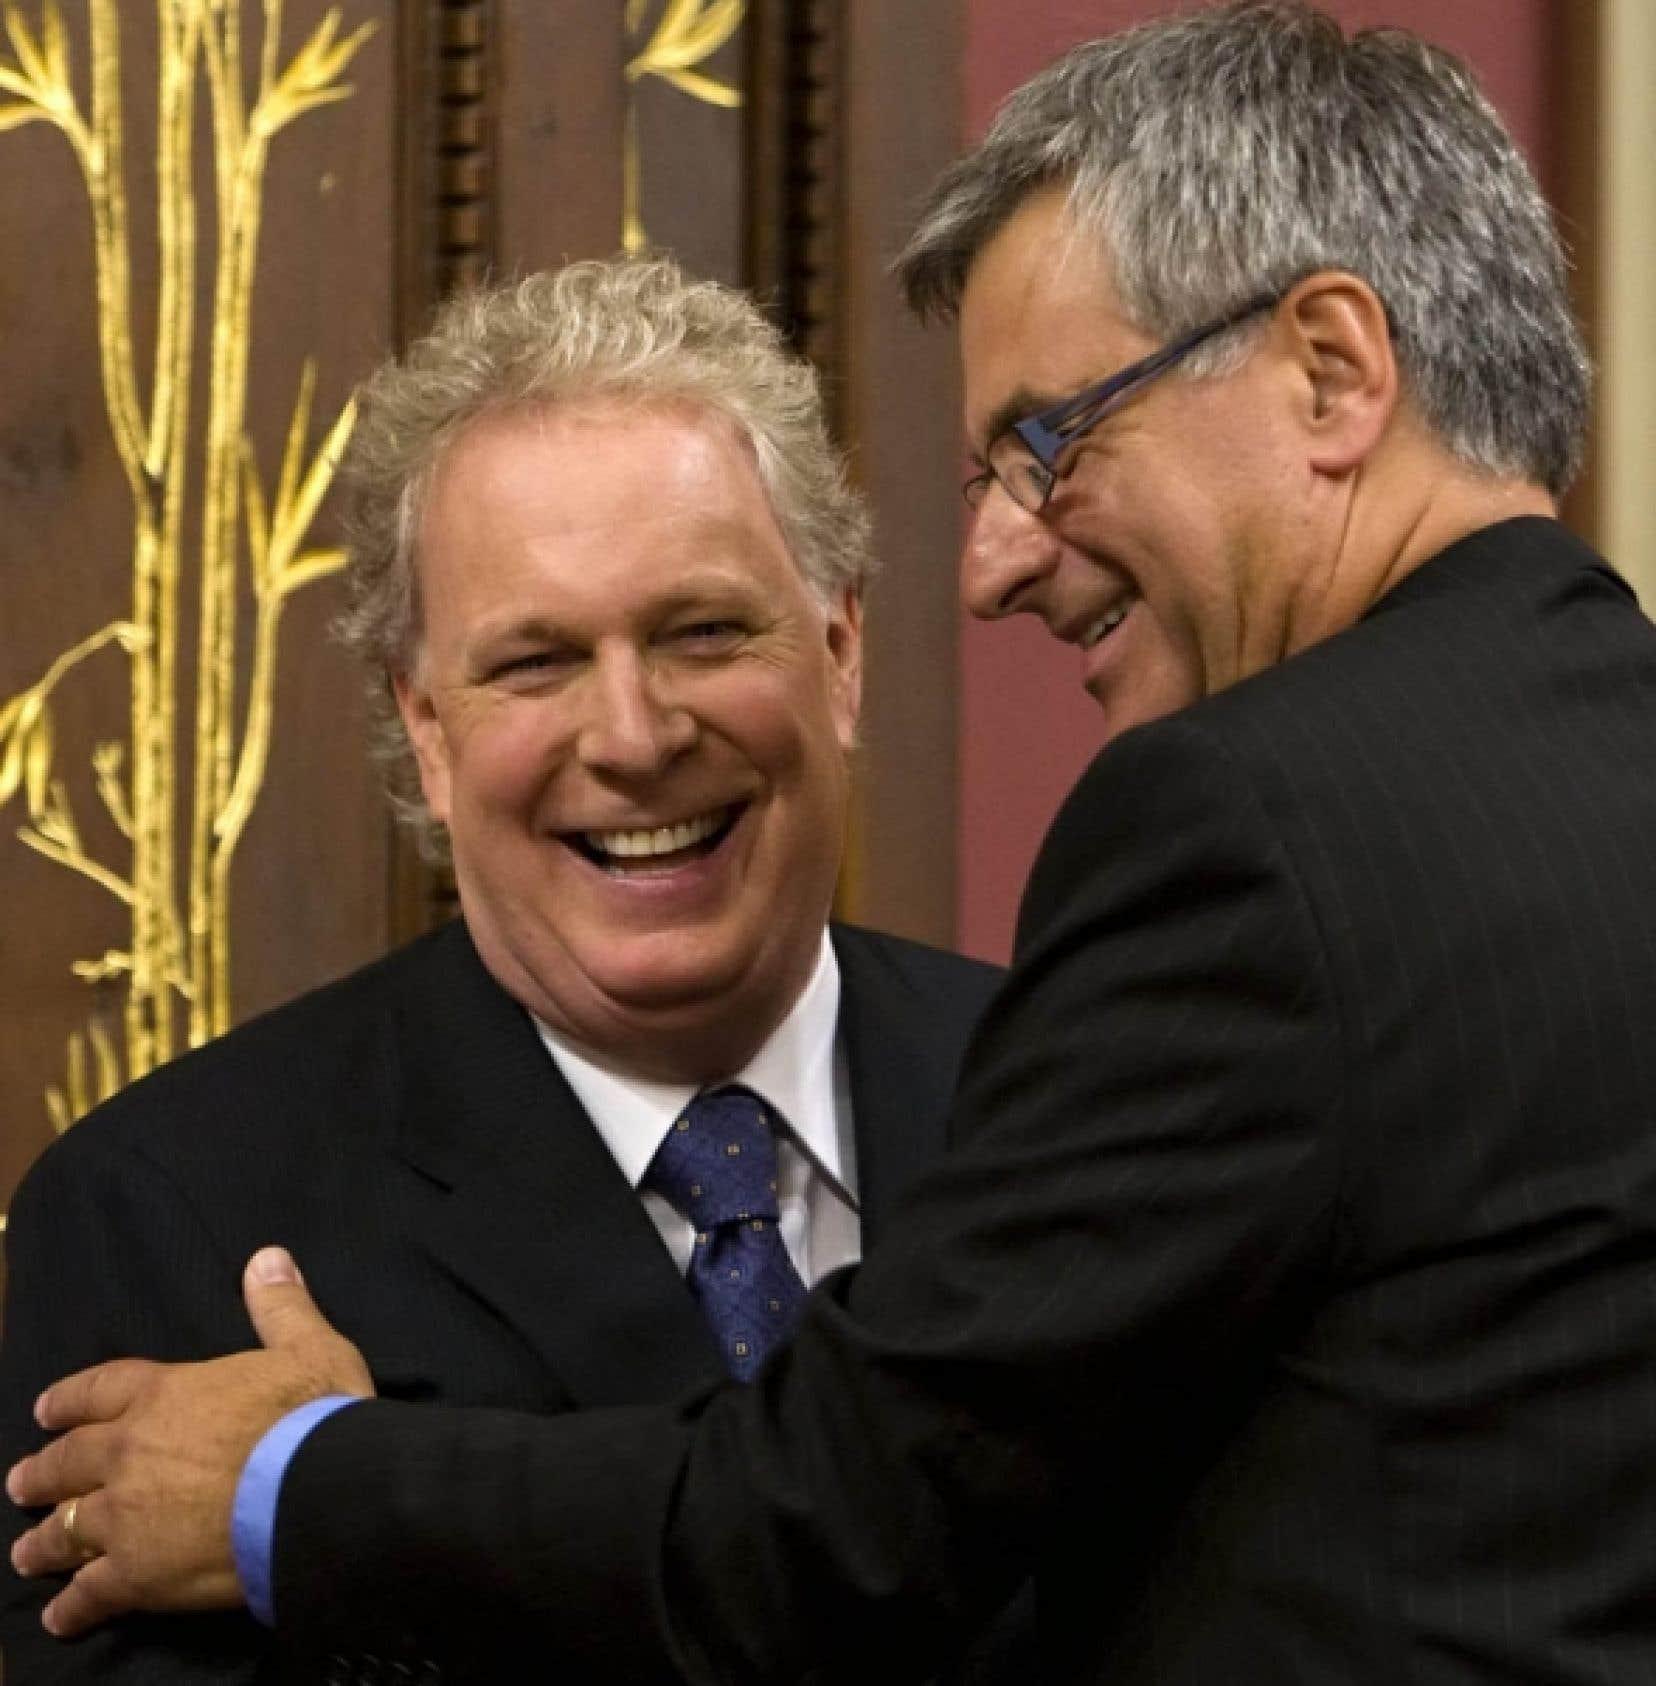 Une poignée de main entre le premier ministre Jean Charest et son nouveau leader parlementaire et titulaire de la Justice, Jean-Marc Fournier, à la cérémonie d'assermentation, hier, à Québec.<br />